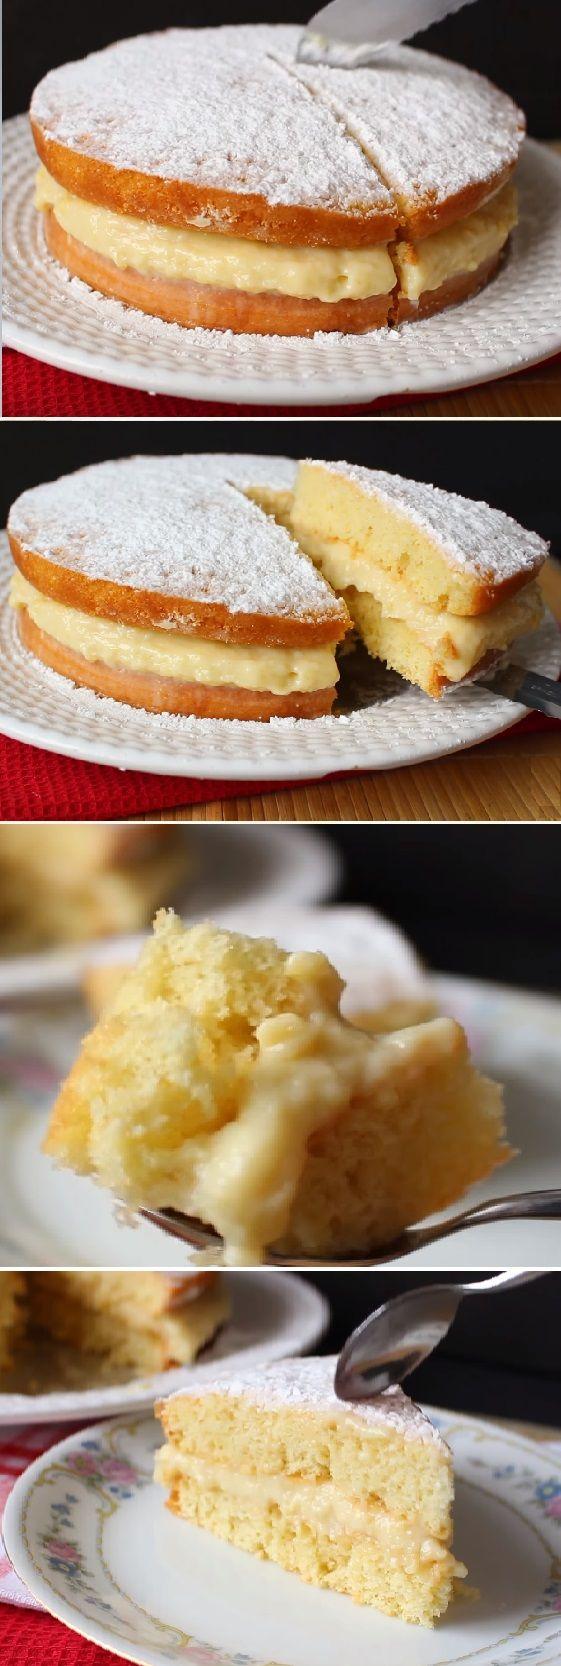 Os enseño una opción increíble para Torta de cumpleaños relleno con crema es un verdadero sueño! #cumpleaños #cumple #crema #relleno #sueño #receta #recipe #casero #torta #tartas #pastel #nestlecocina #bizcocho #bizcochuelo #tasty #cocina #chocolate #pan #panes Si te gusta dinos HOLA y dale a Me Gusta MIREN…